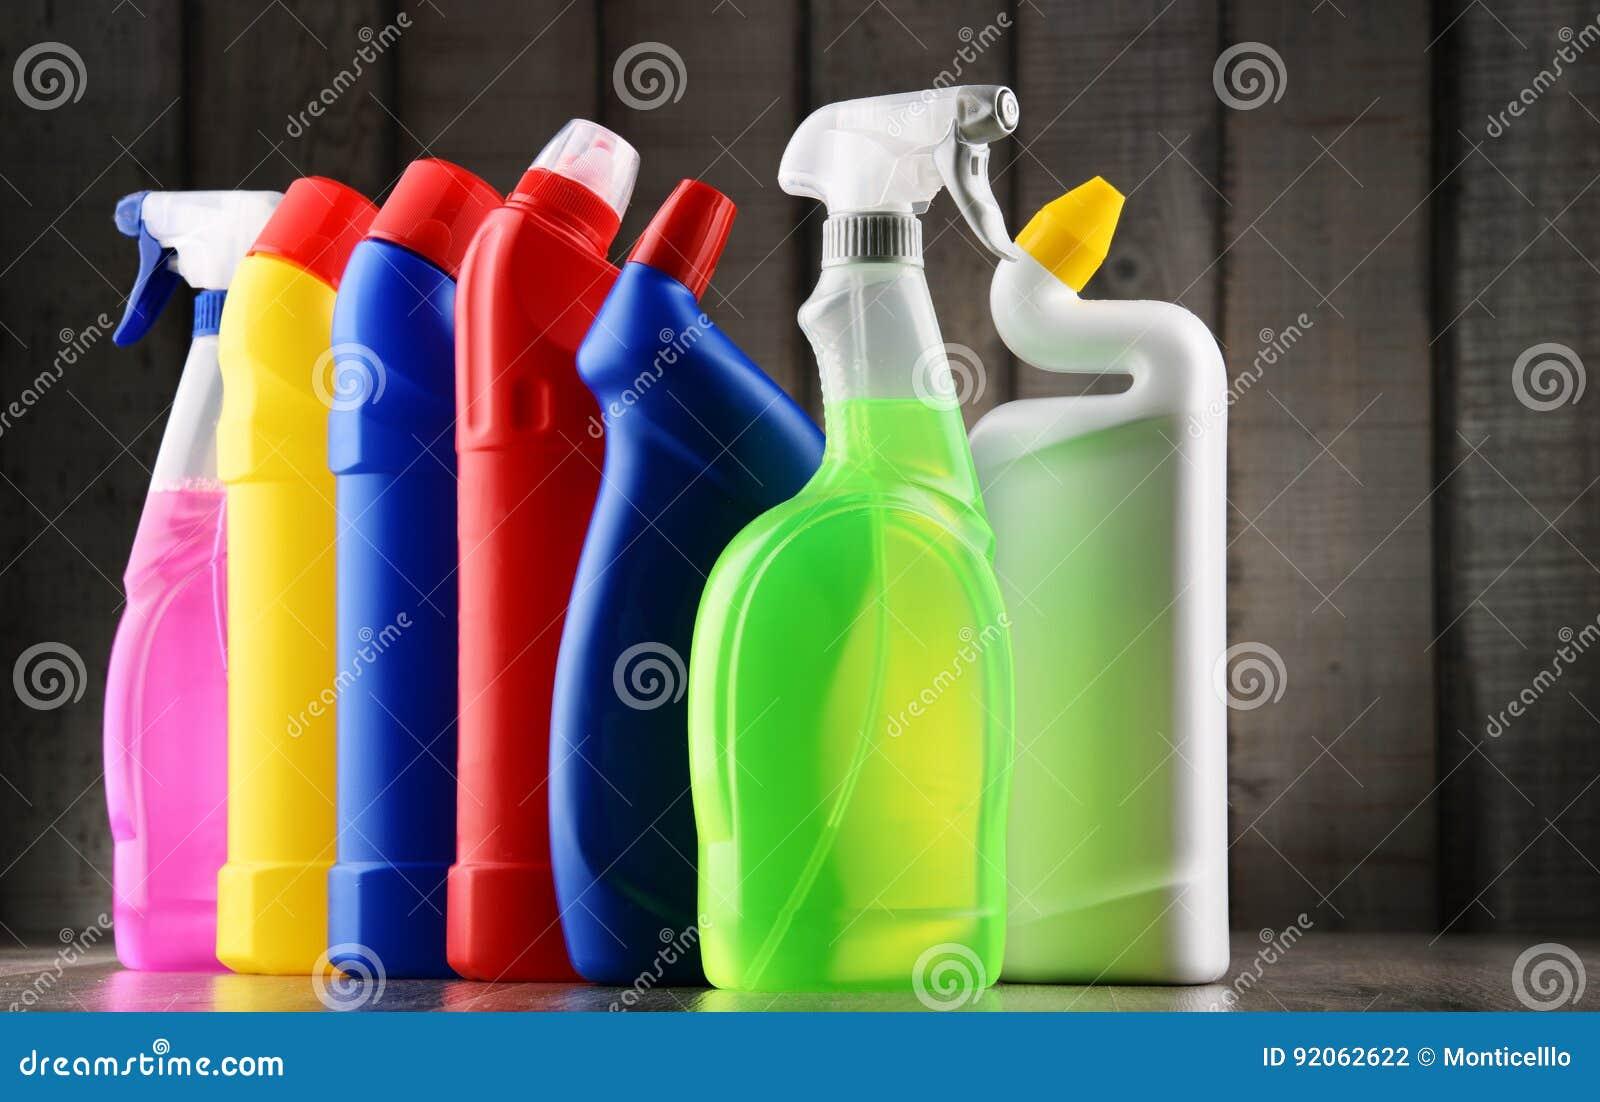 Rozmaitość detergent butelki i chemicznego cleaning dostawy